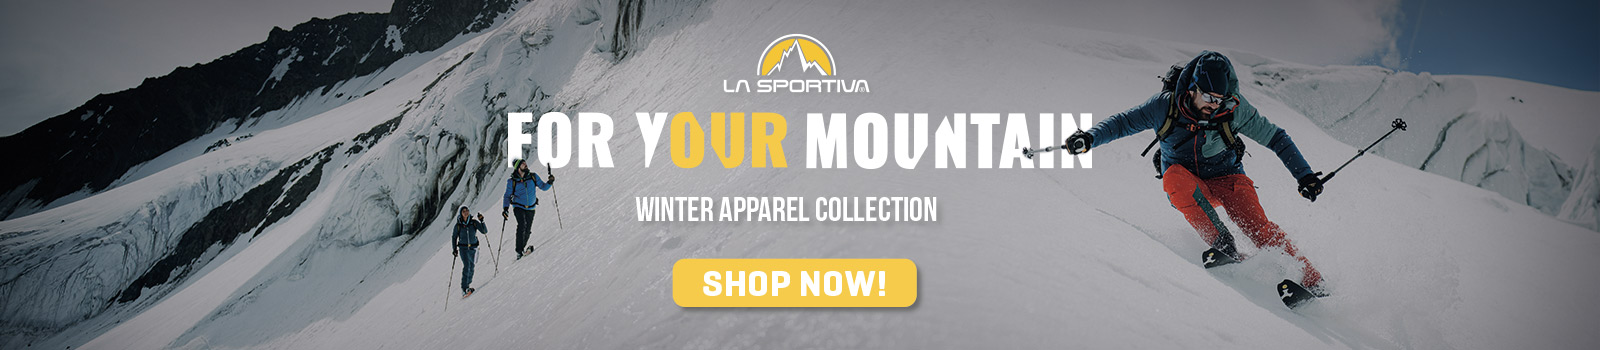 La Sportiva abbigliamento invernale